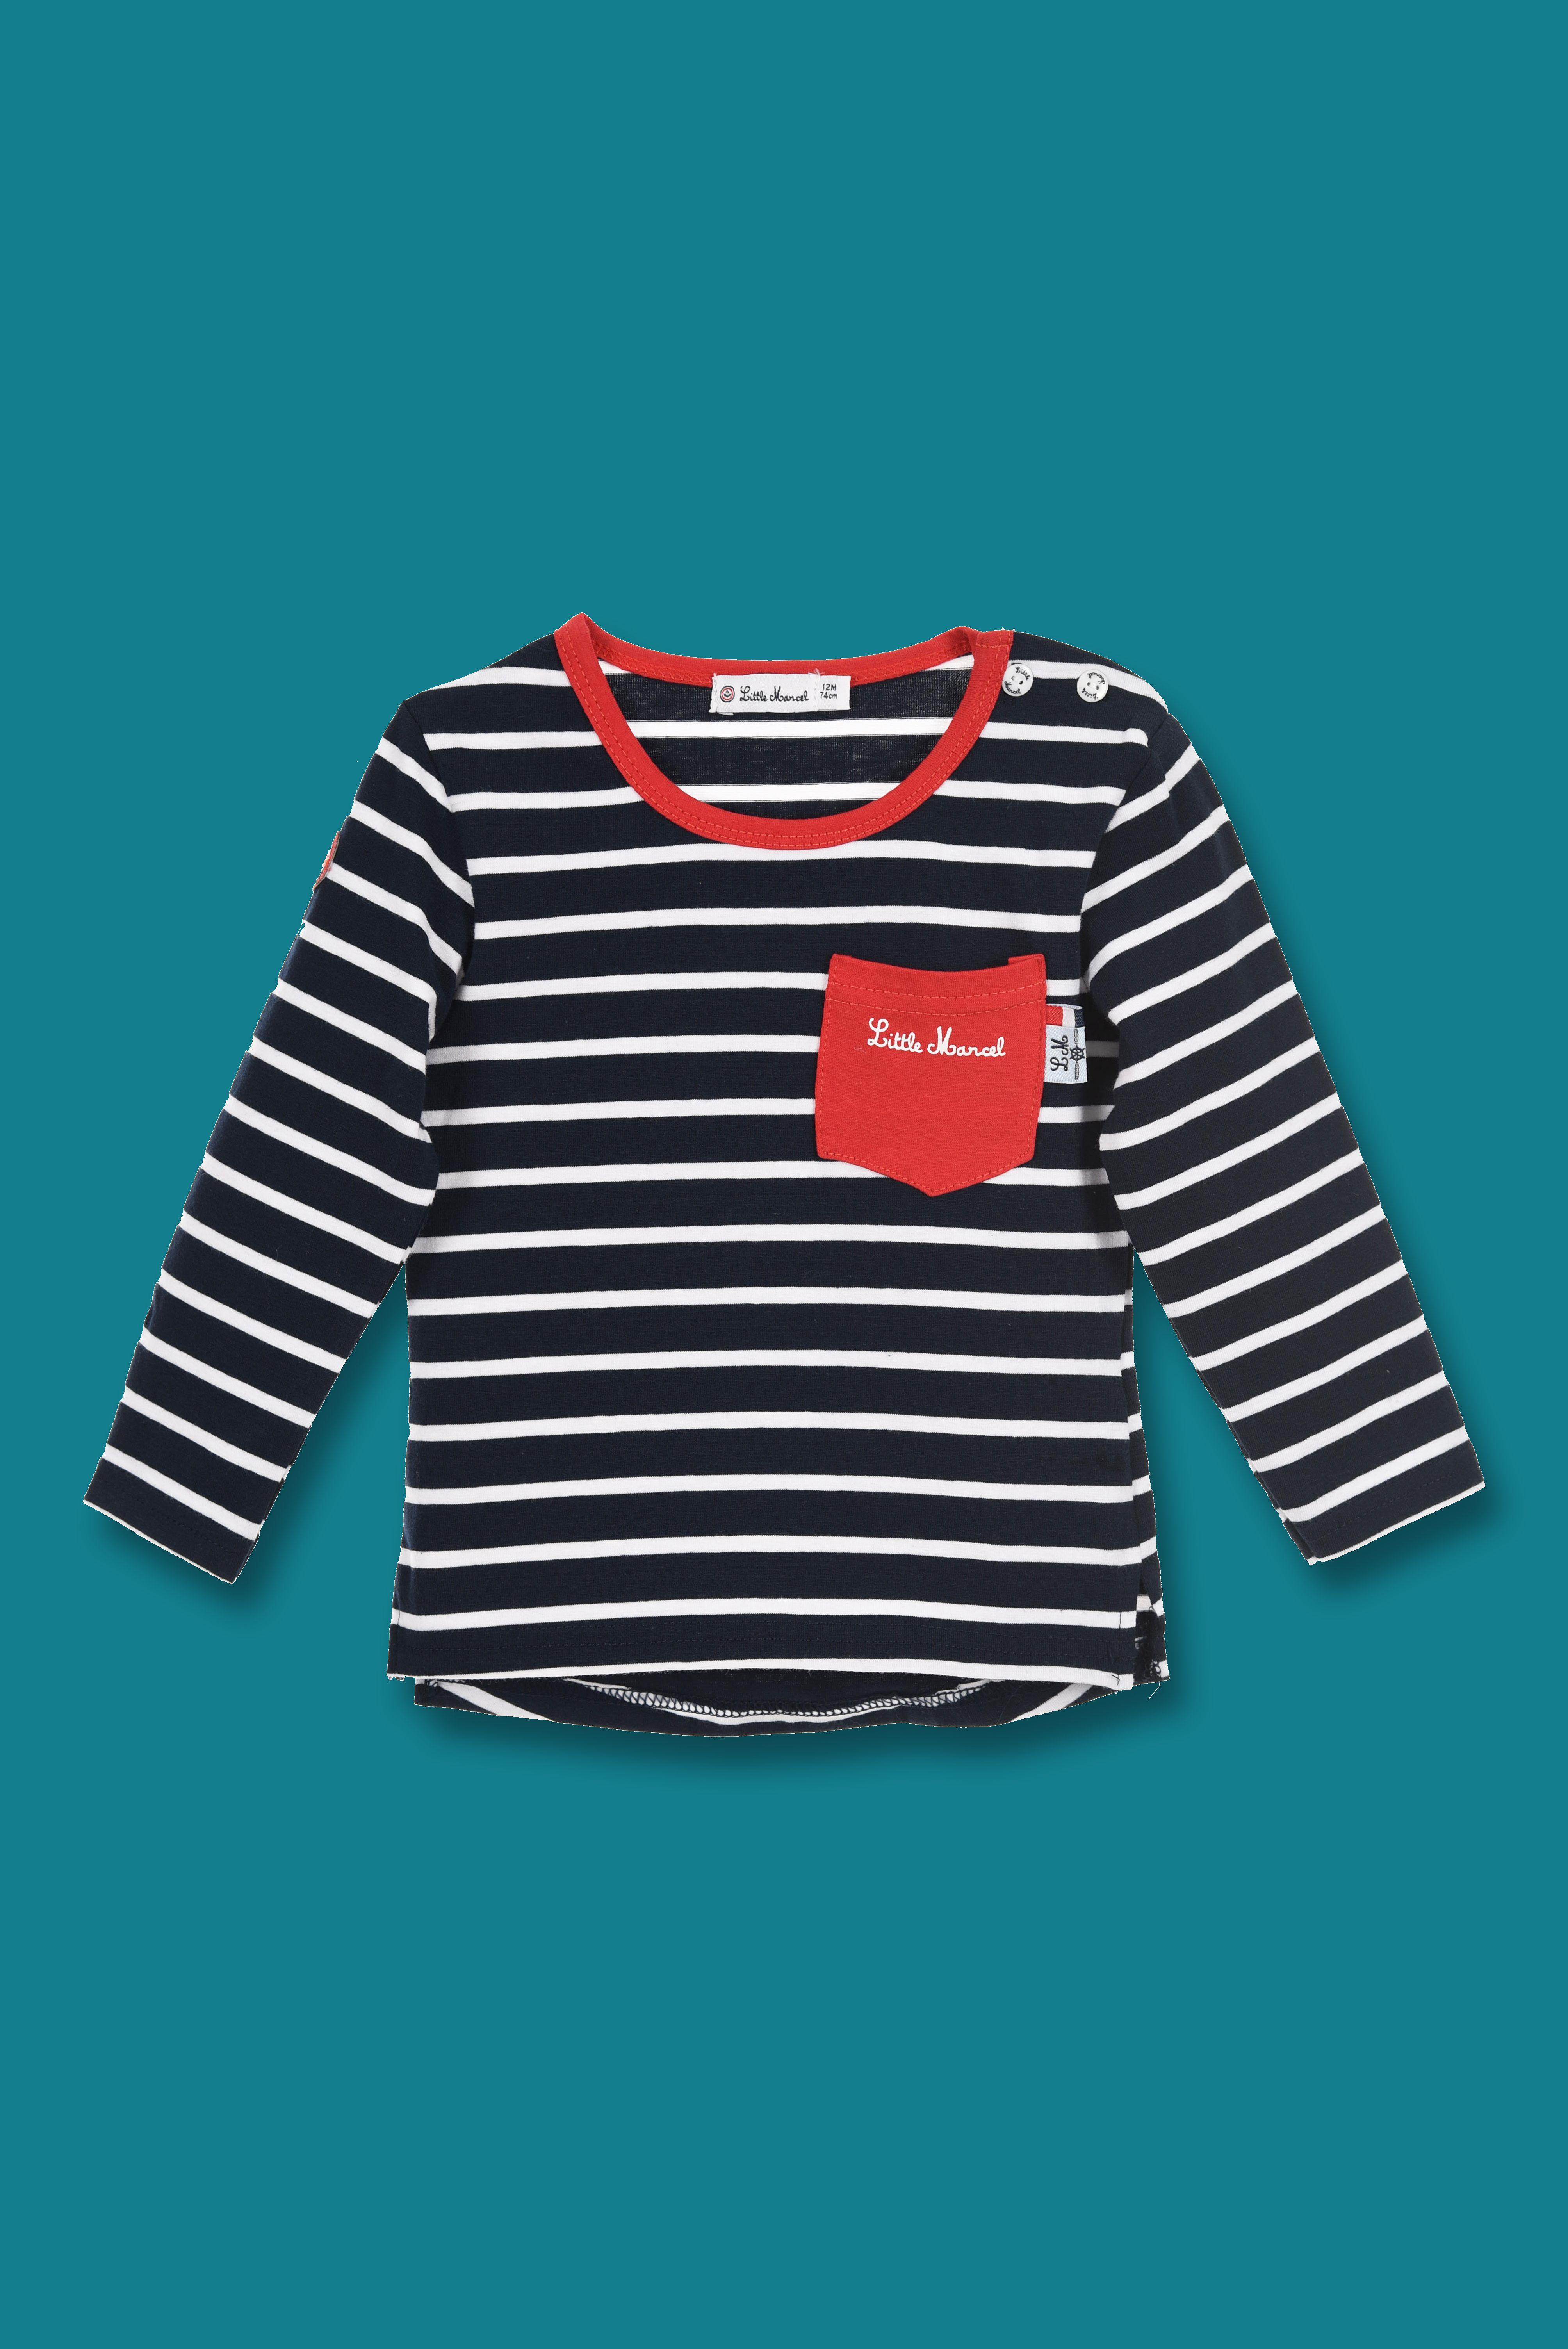 Little Marcel Boutique en Ligne Officielle Vêtements et